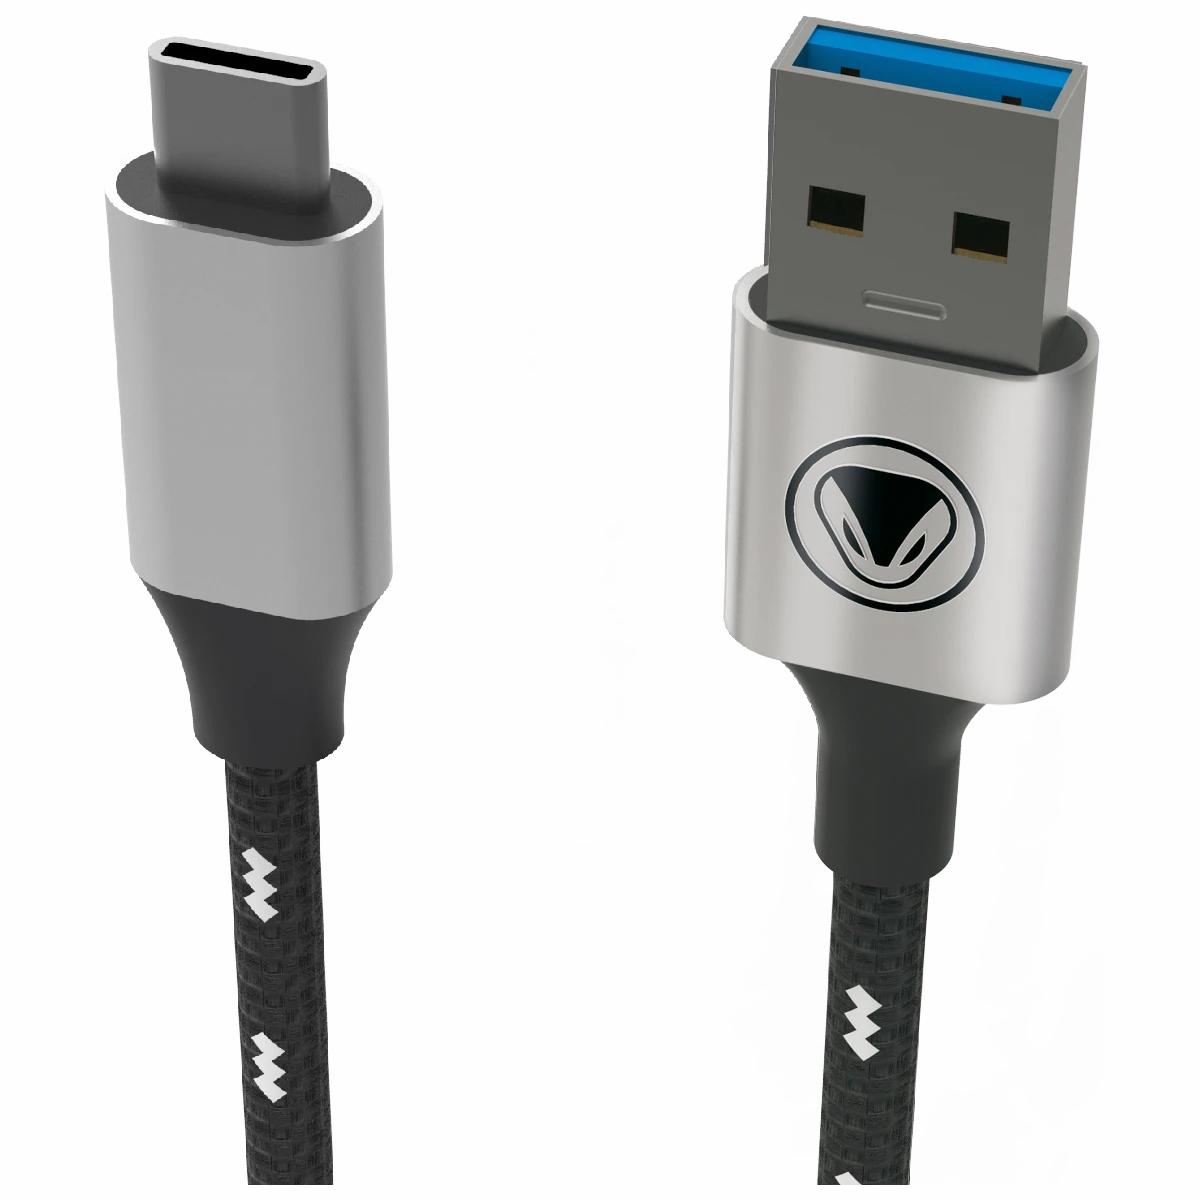 SnakeByte SONY PS5 USBケーブル CHARGE&DATA:CABLE 5™(2M) チャージアンドデータ:ケーブル 5 USB3.2対応の超高速データ通信ケーブル